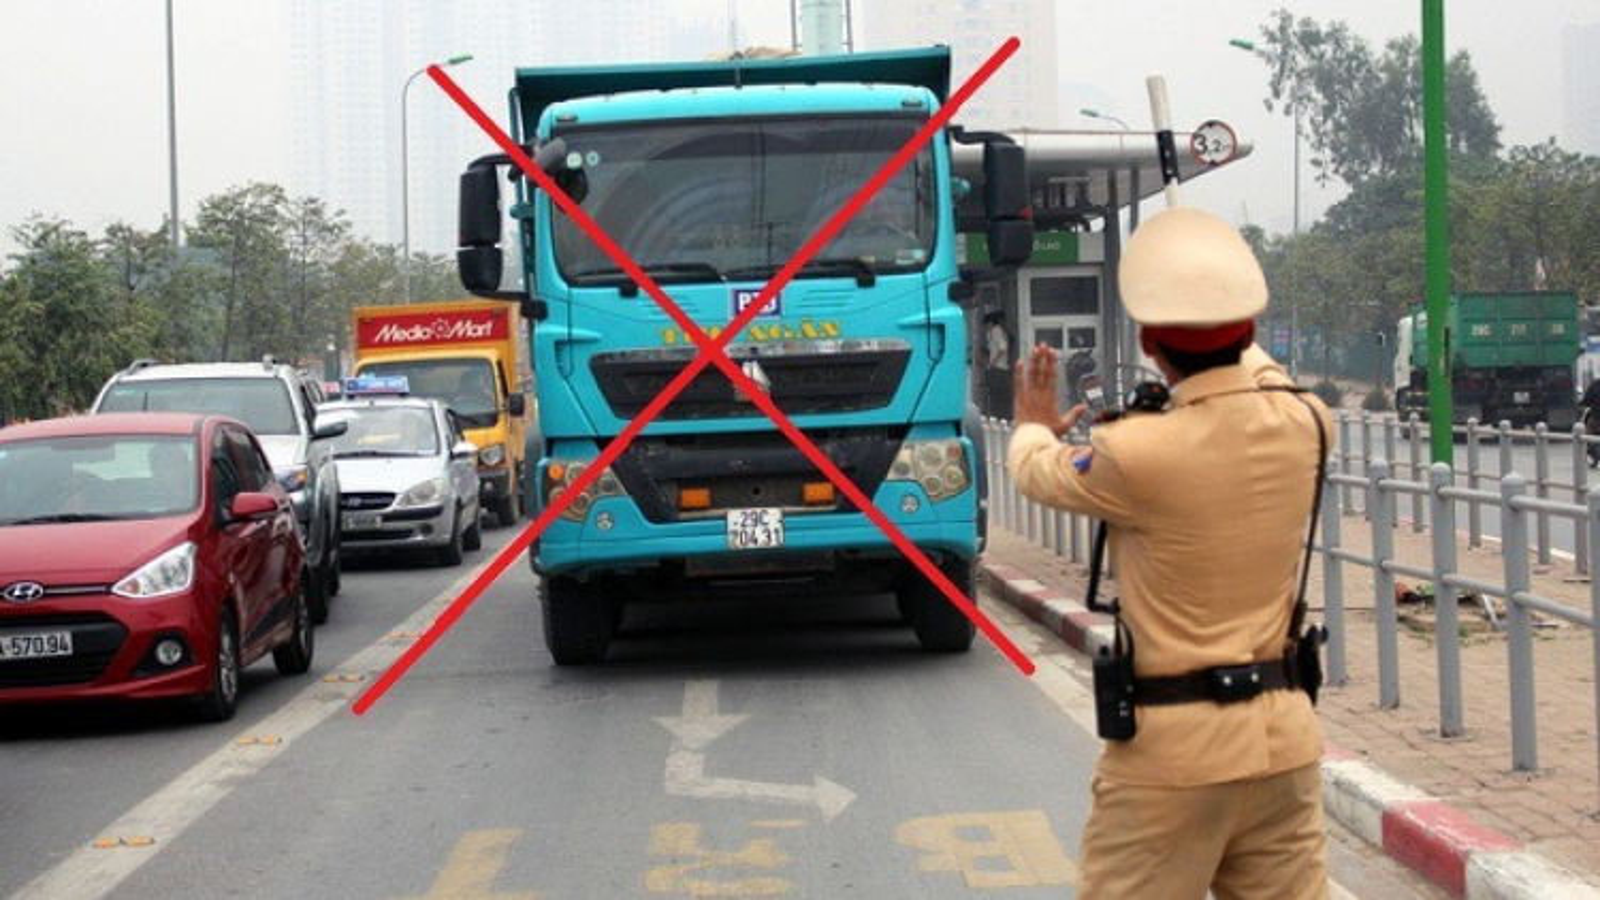 Đi vào làn đường BRT sẽ bị phạt cao nhất 5 triệu đồng